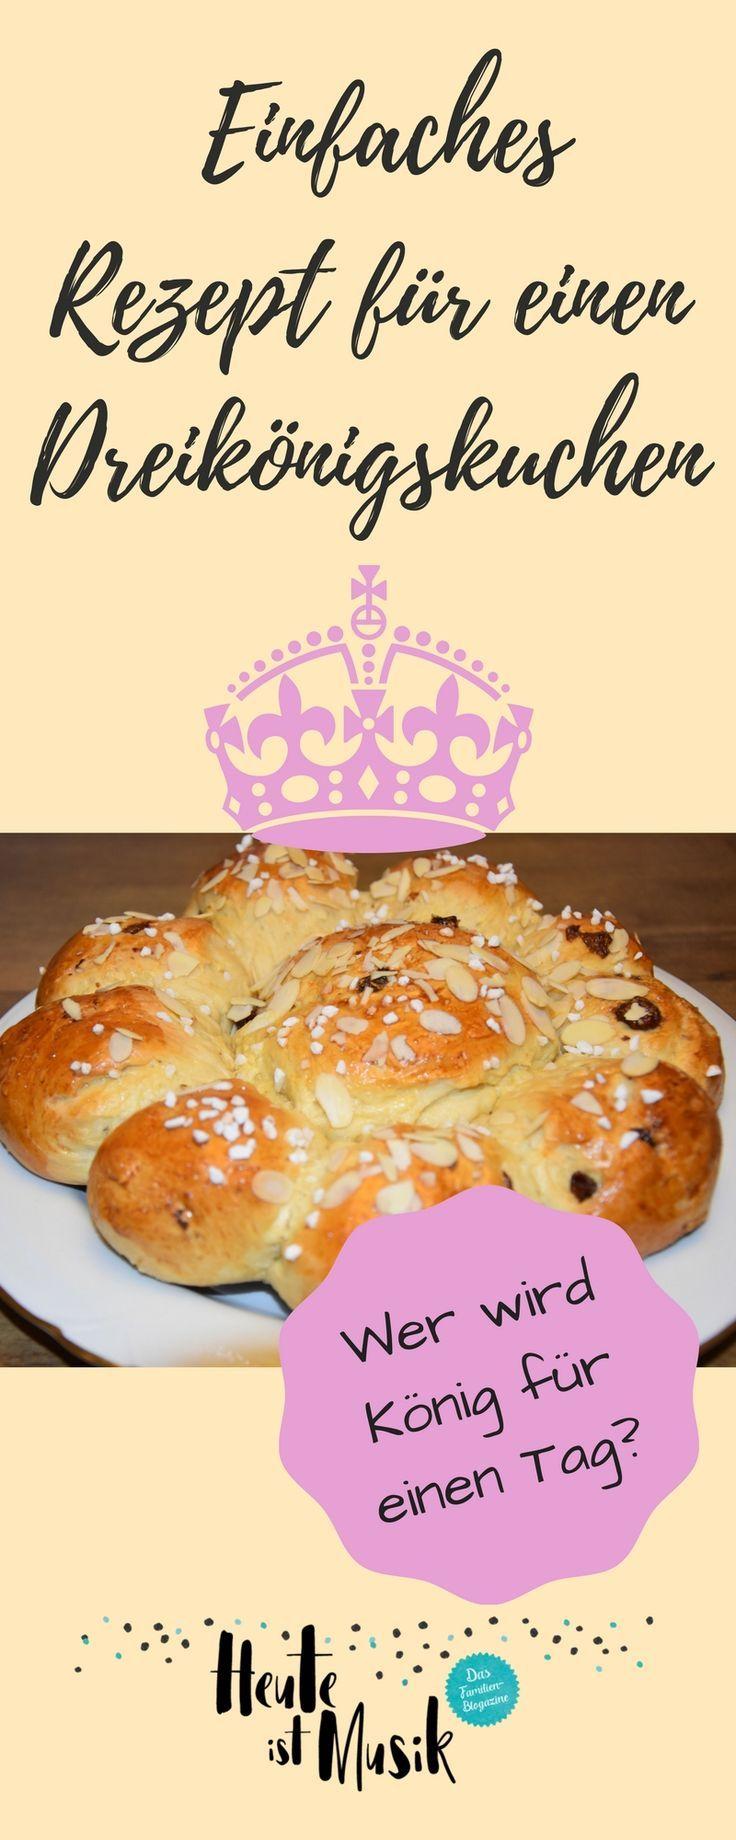 Hier findest du ein einfaches Rezept für einen Dreikönigskuchen, den du am Tag der Heiligen drei Könige backen kannst. #backen #hefeteig #feiernmitkindern #backrezept